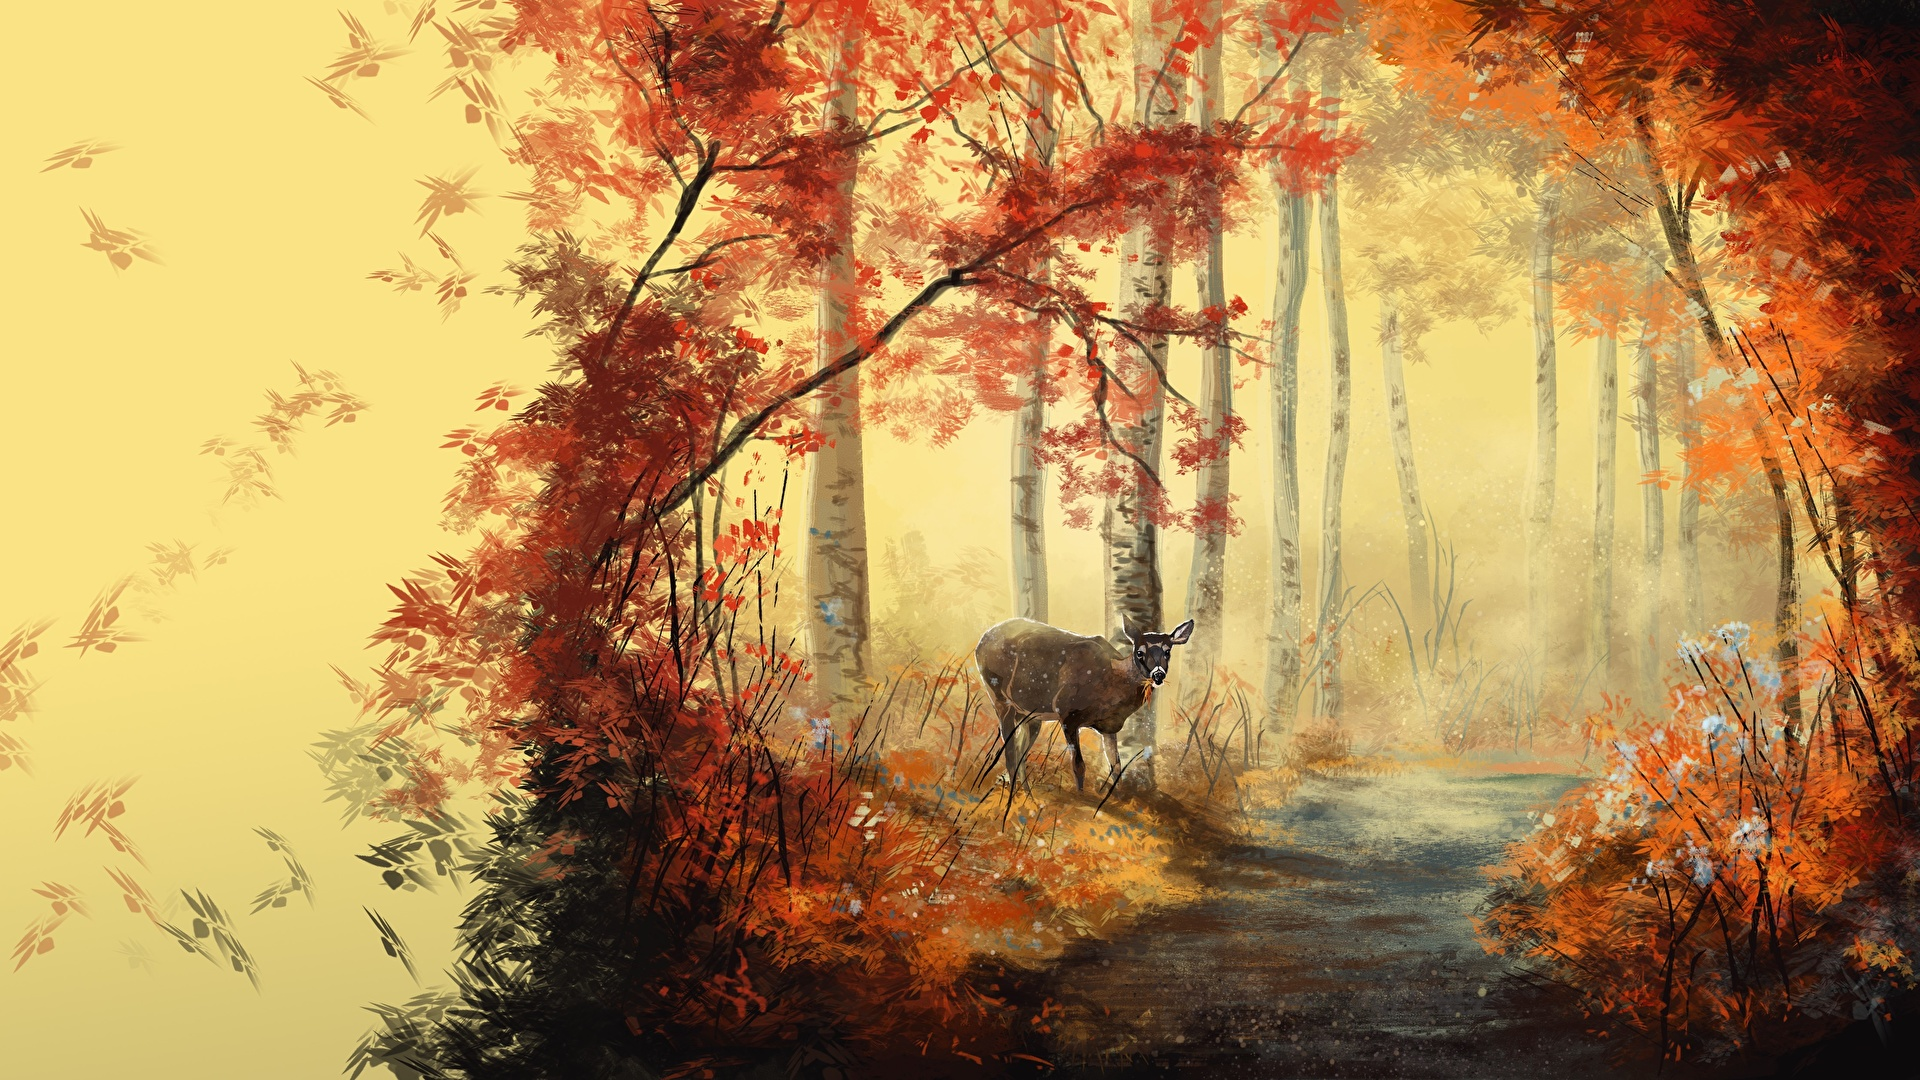 壁紙 19x1080 描かれた壁紙 秋 シカ 木の葉 登山道 動物 自然 ダウンロード 写真